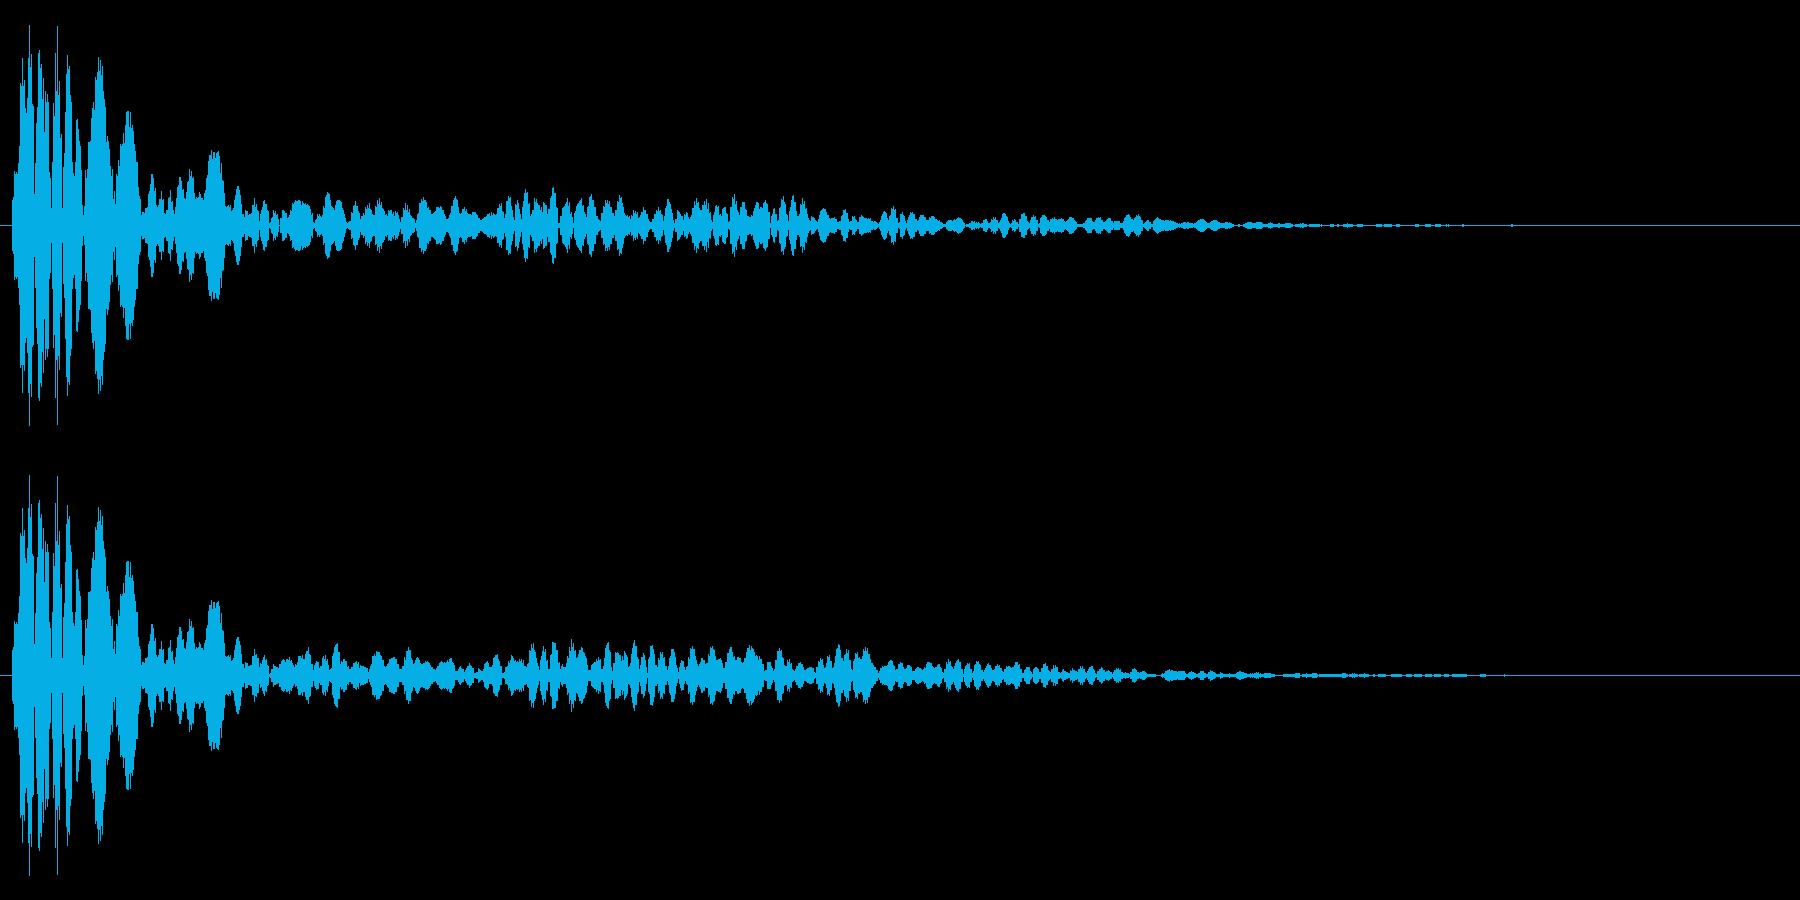 シンプルな決定音1の再生済みの波形